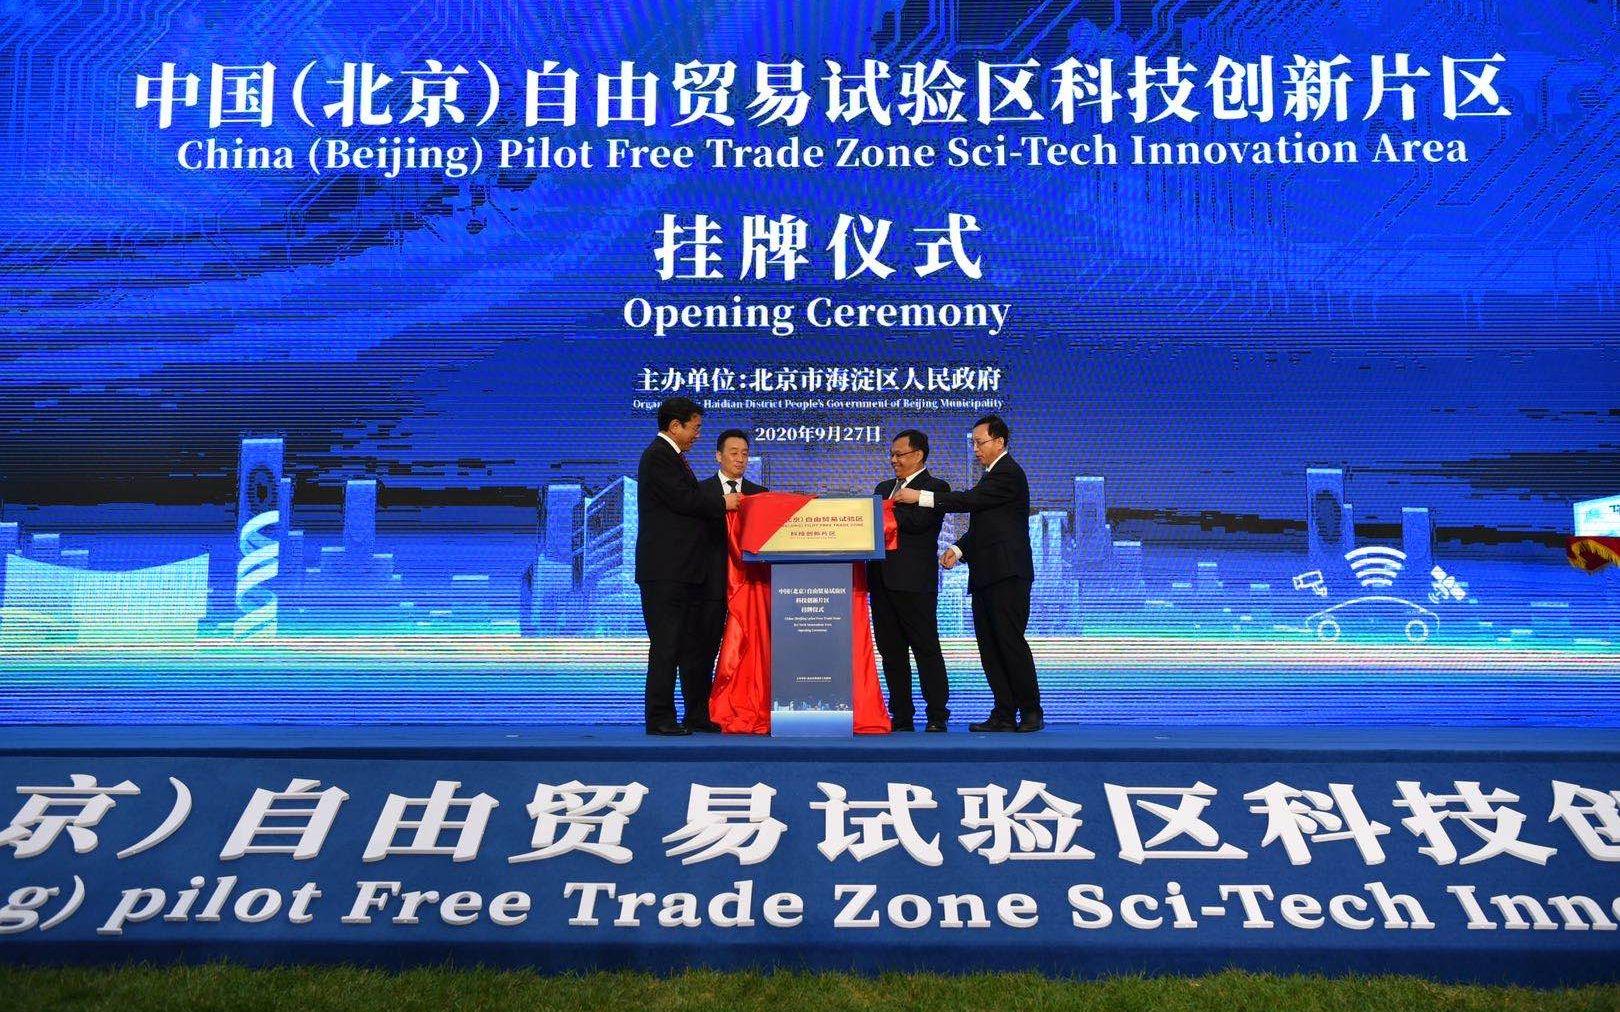 北京自贸区科技创新片区挂牌,中关村科学城占68%图片